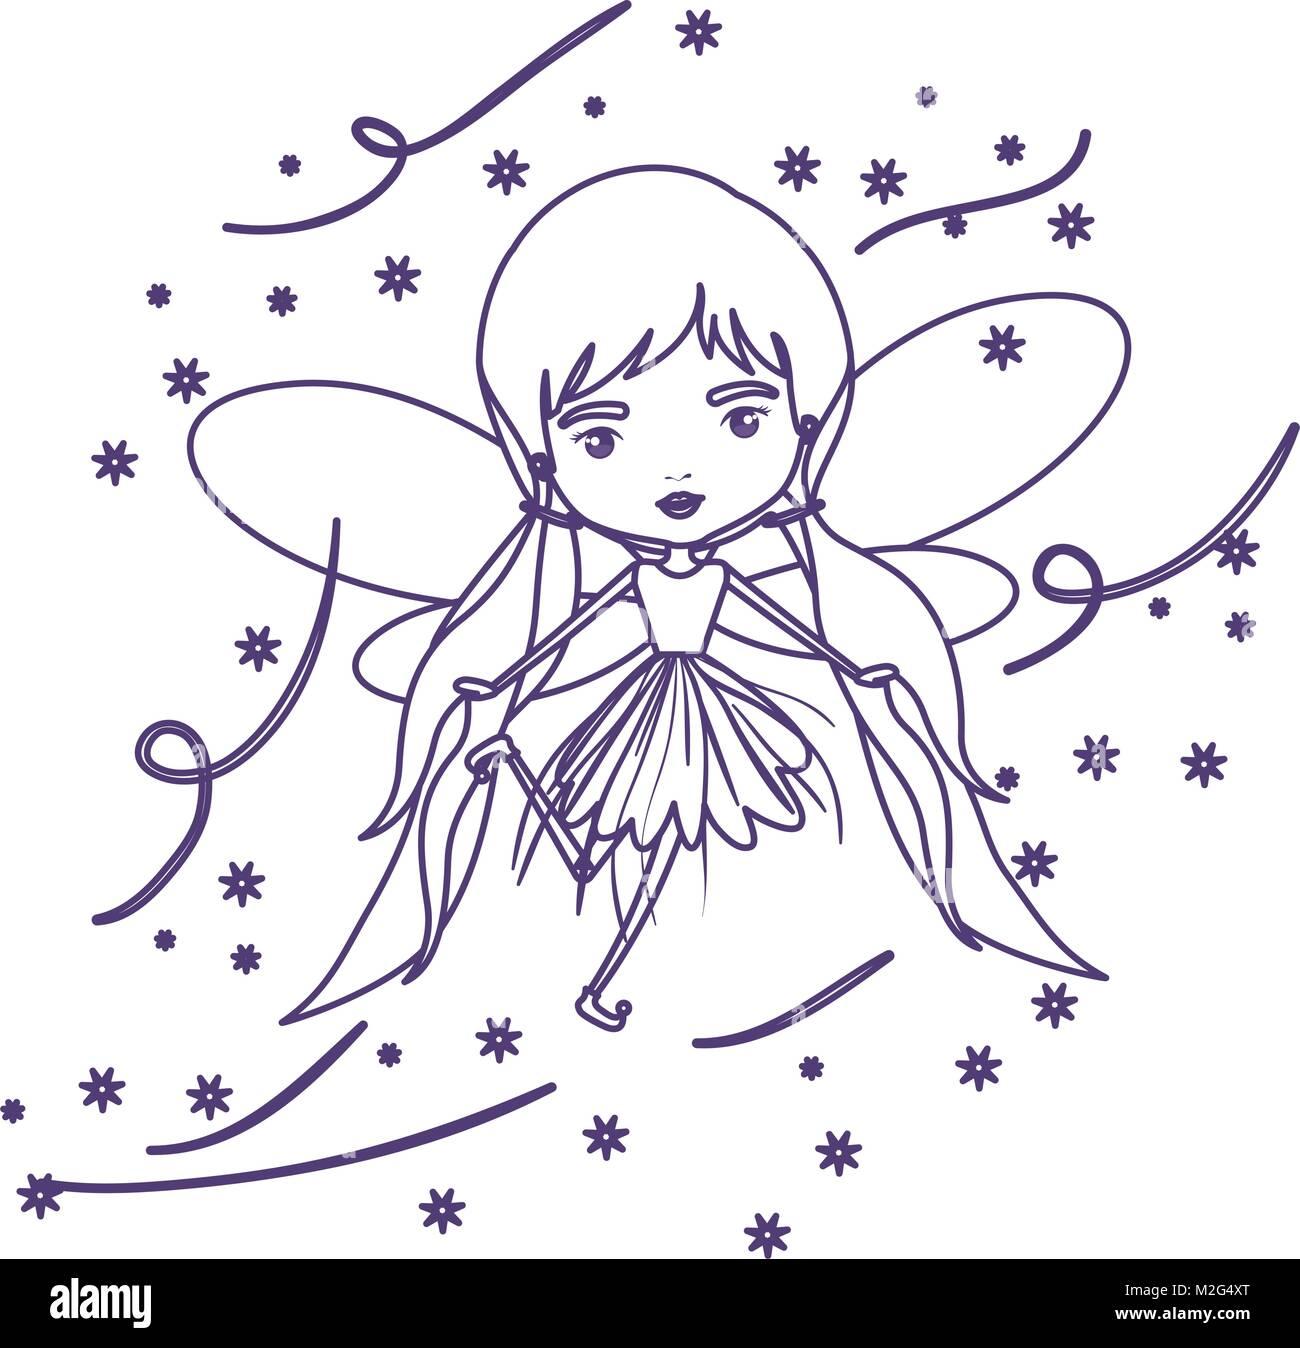 Girly Fee fliegen mit Flügeln und Pigtails Frisur und Sterne in lila Kontur auf weißem Hintergrund Stockbild